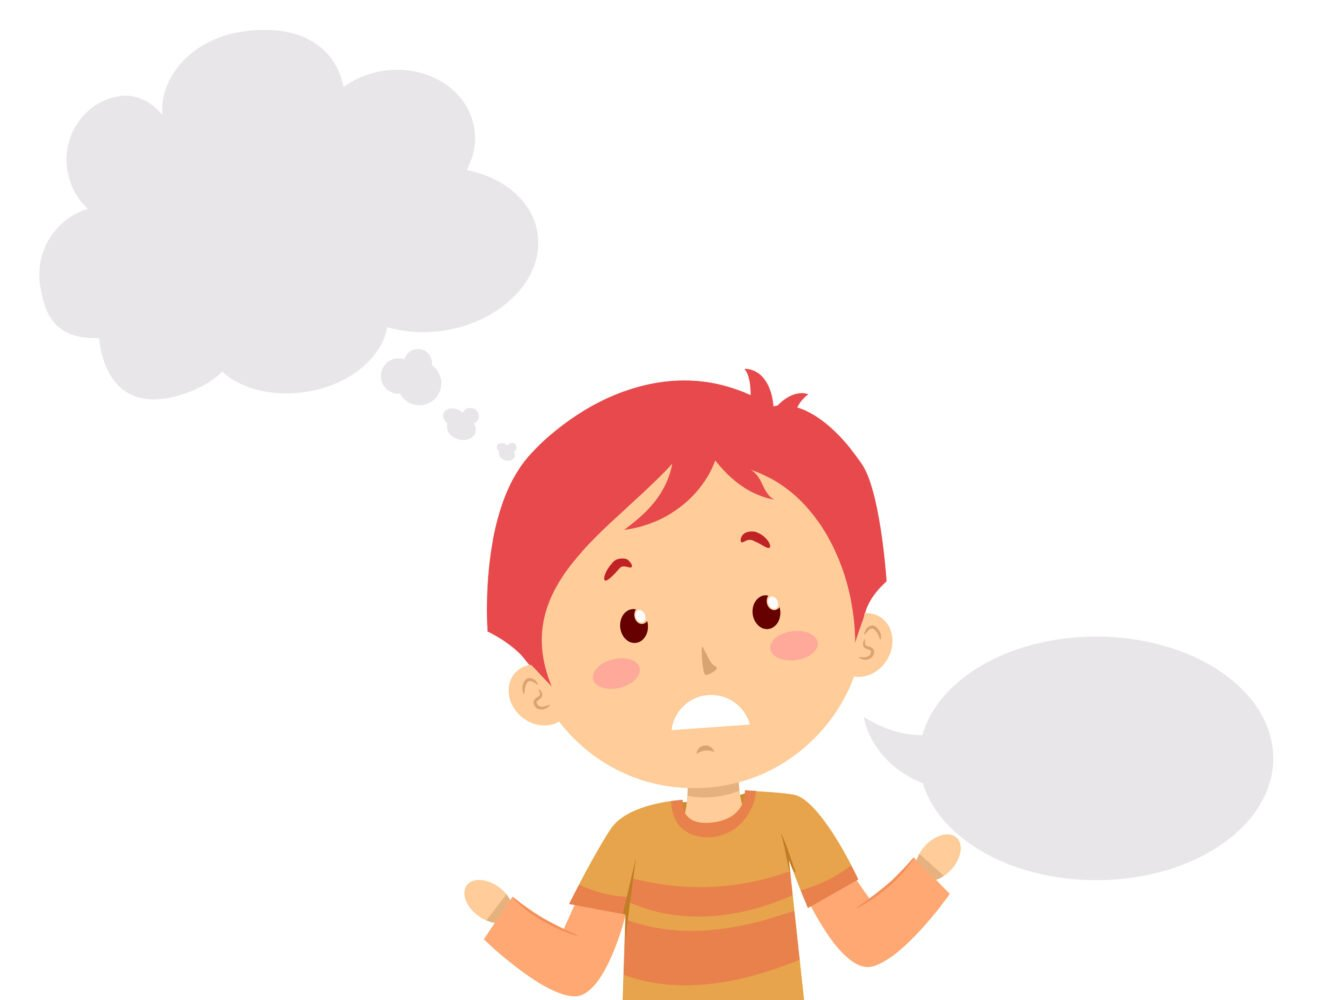 Het Gezinsleven - Moeder en Kind - Kinderen 1-4 jaar - Stotteren, wat kun je doen als je kind stottert? - Illustratie stotteren, wat je wilt zeggen, komt er niet uit